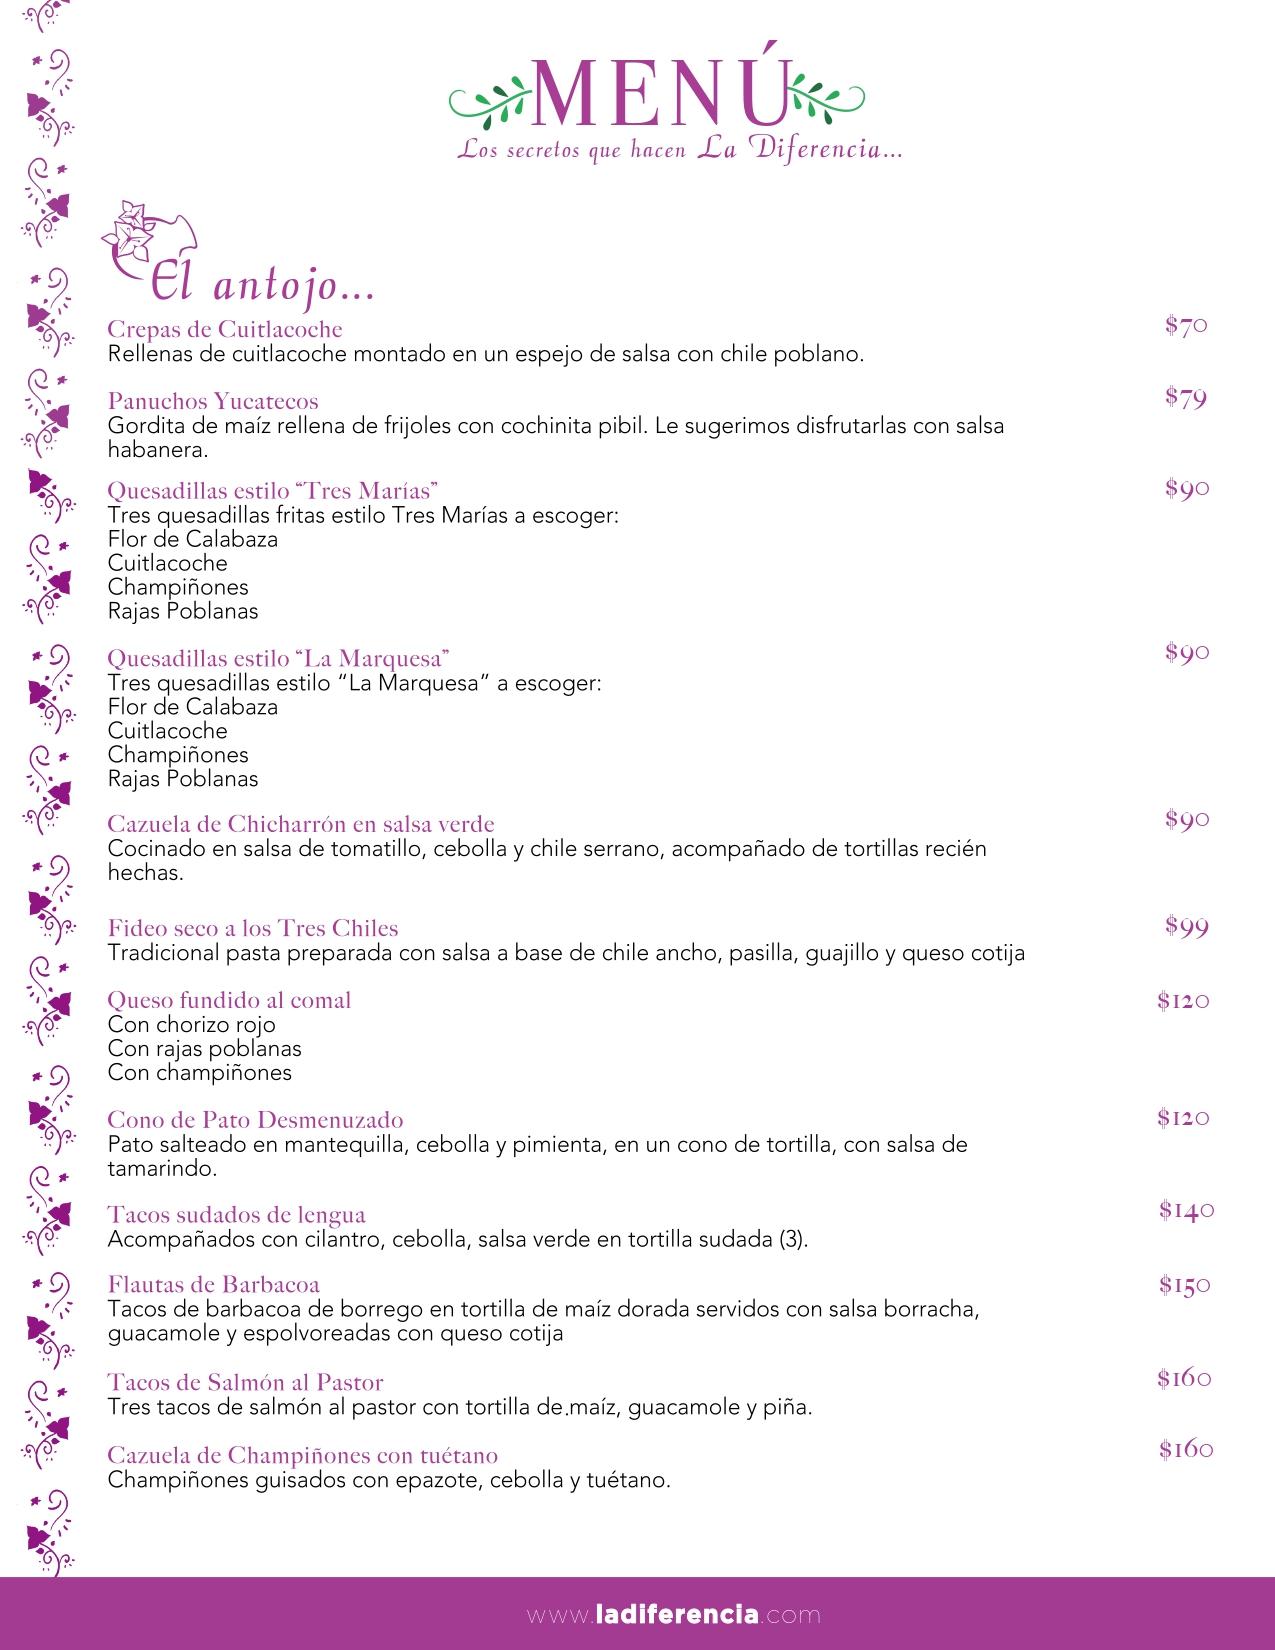 Menú-comida_La-Diferencia_2020_pages-to-jpg-0001